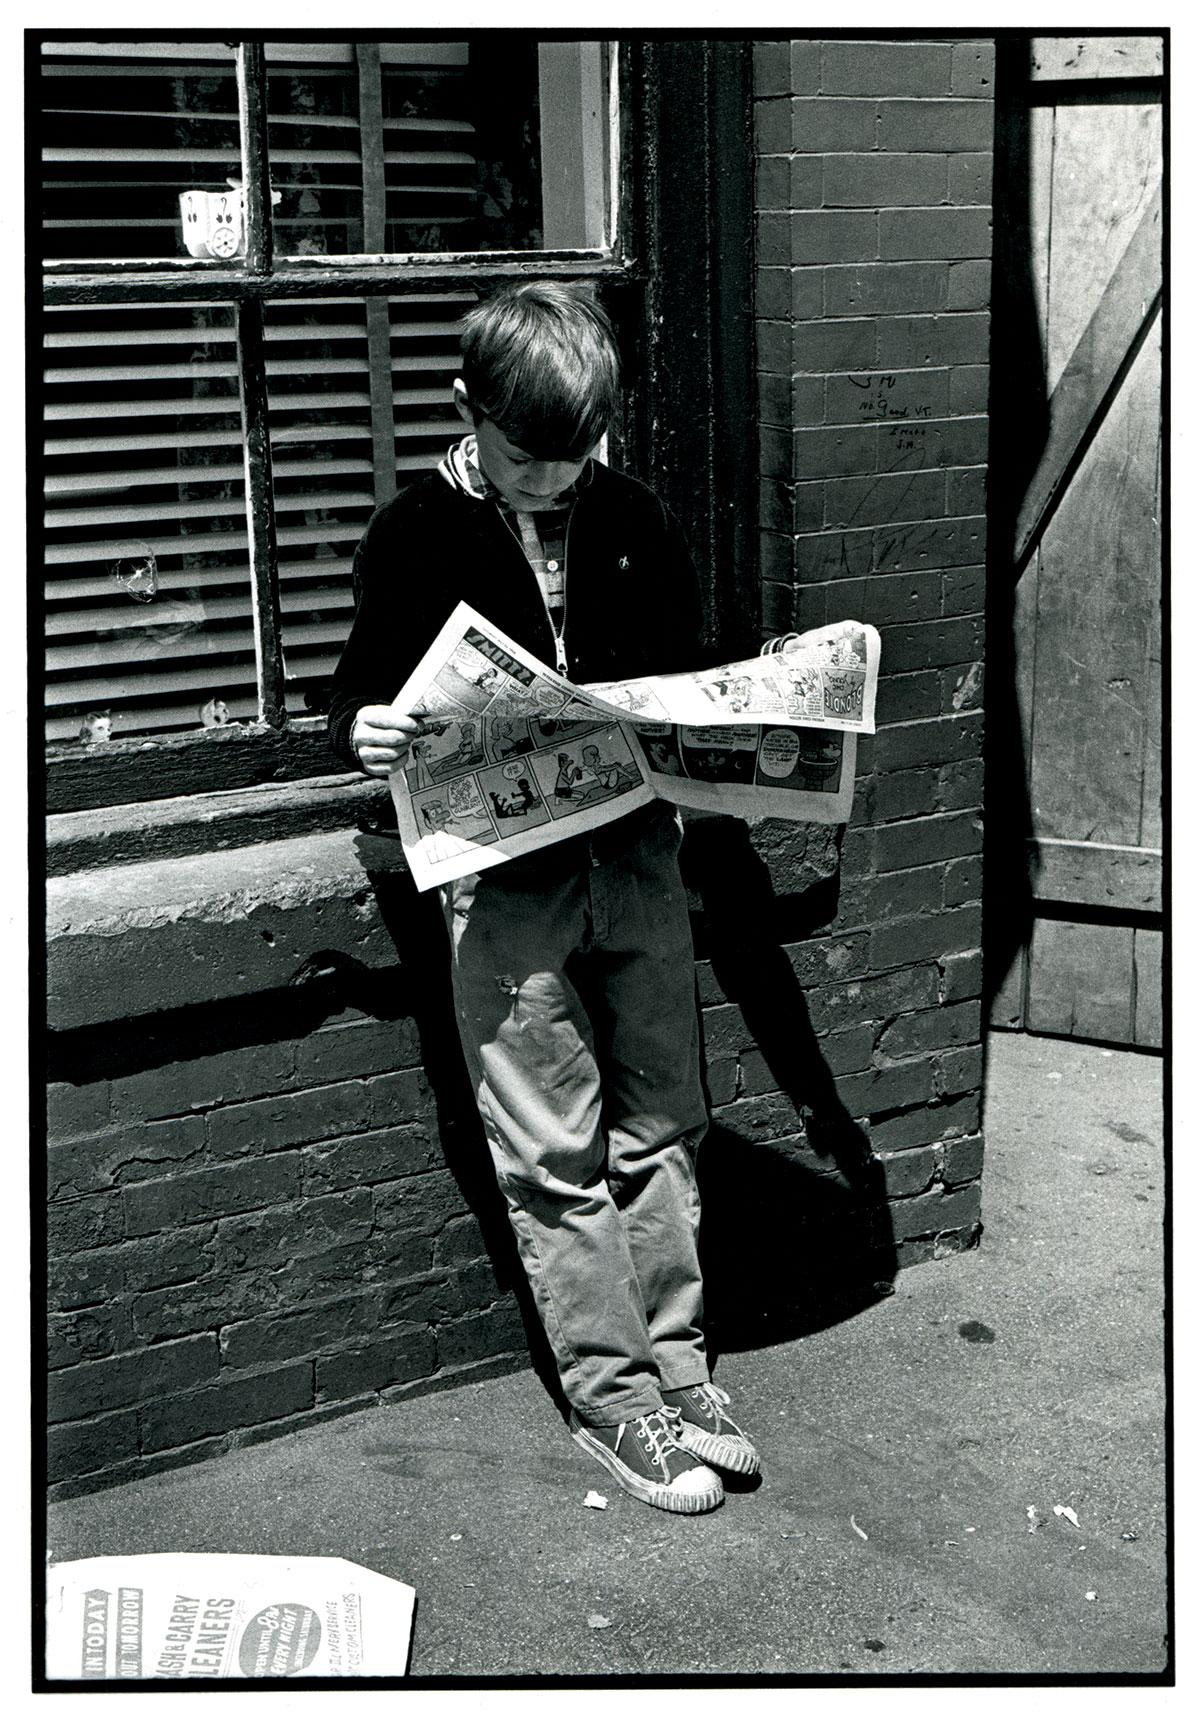 Photograph by Ian MacEachern